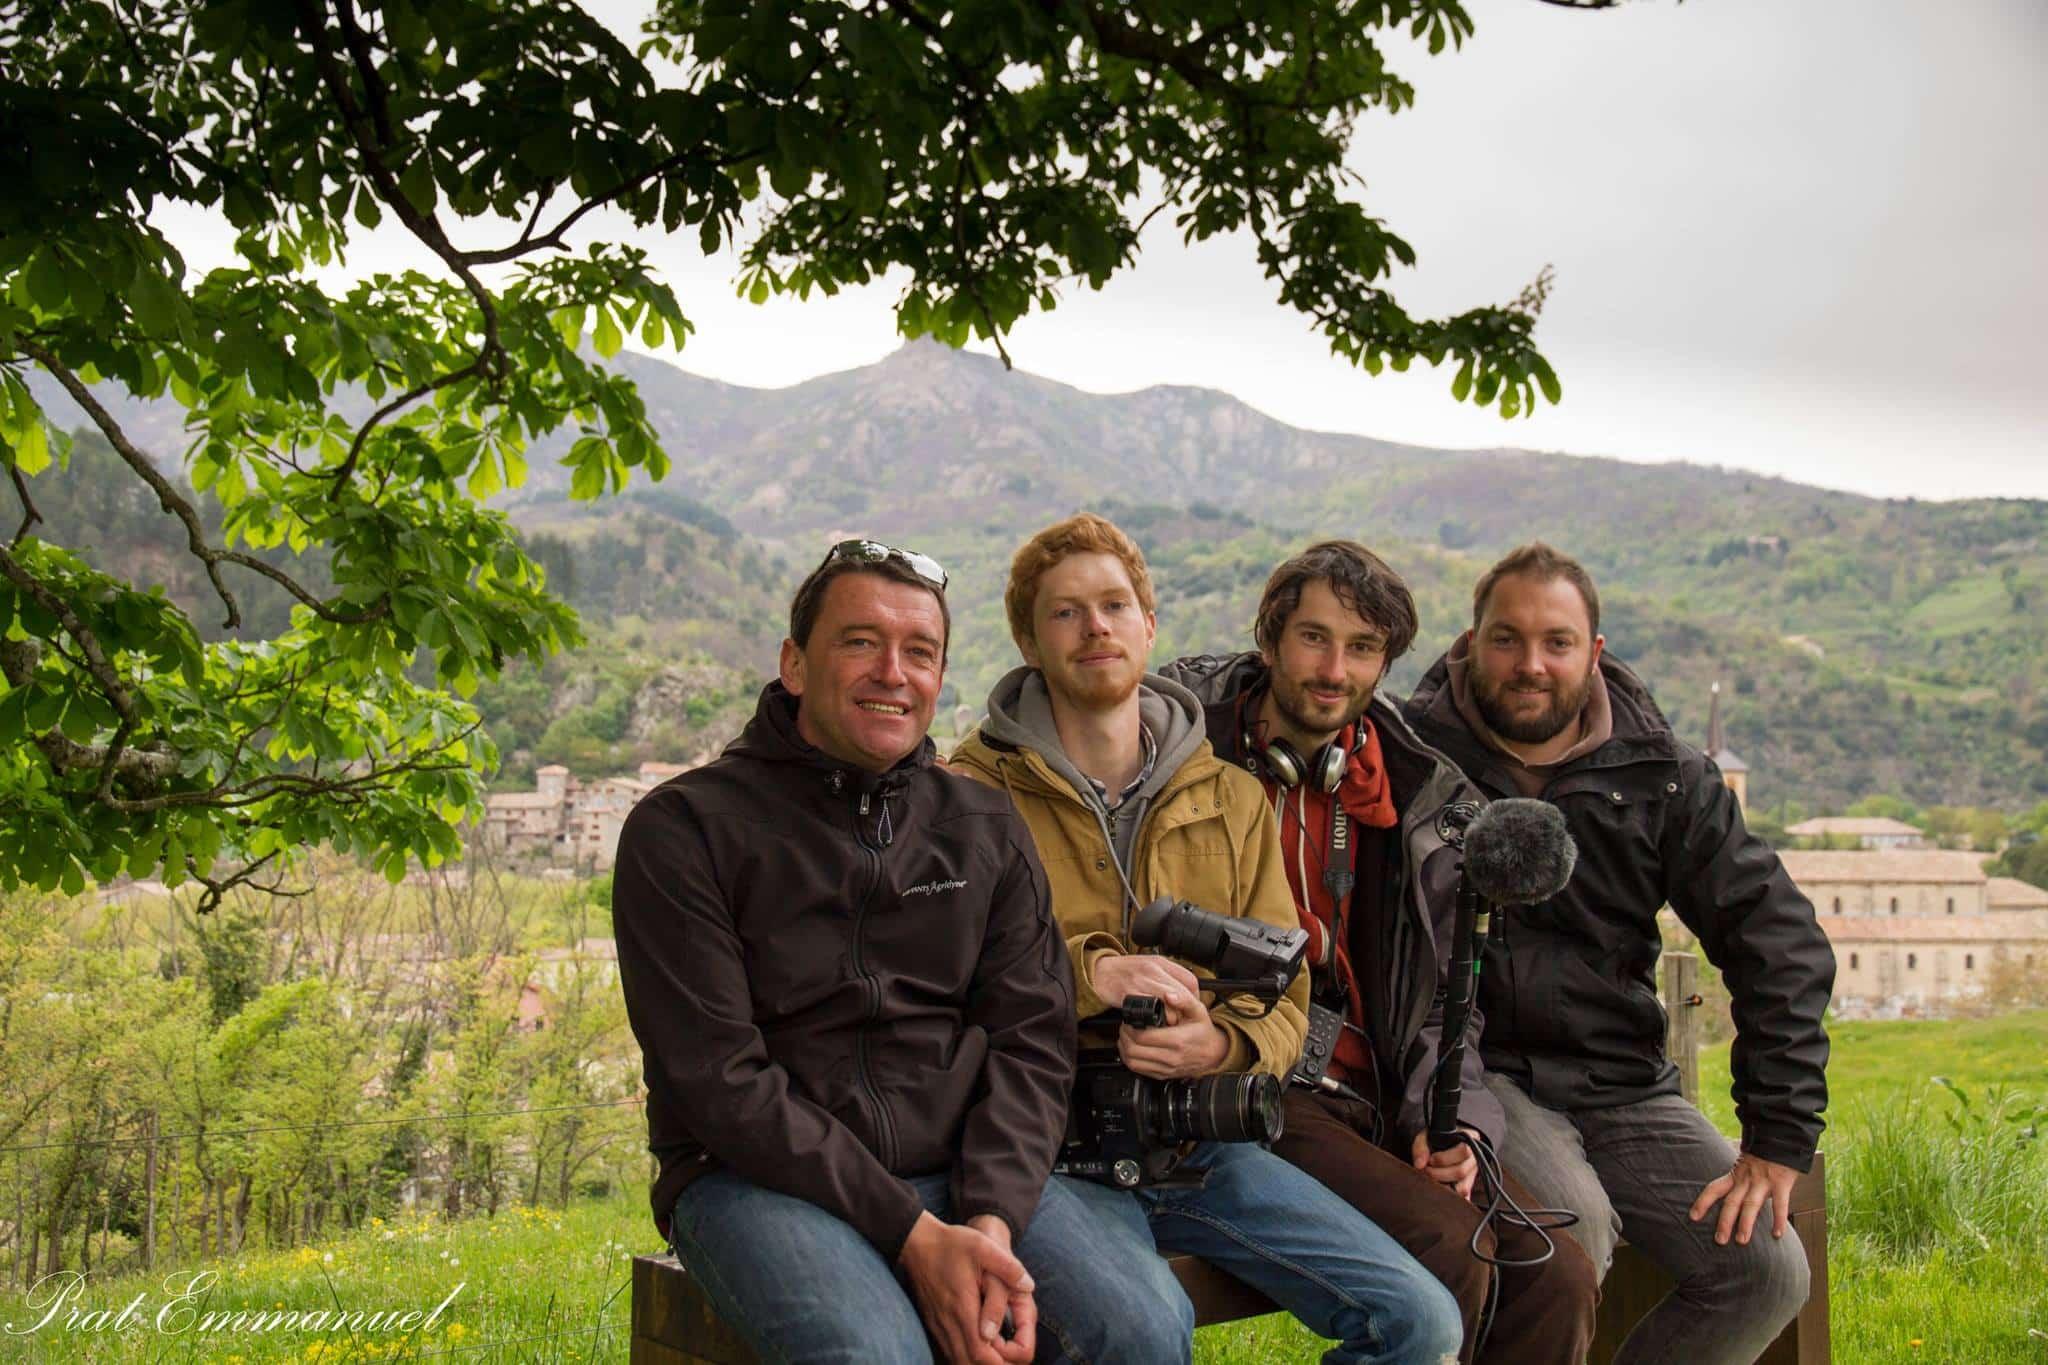 équipe Drone Ardèche prat emmanuel - ingé son - spécialistes en vidéo - Agence de production audiovisuelle - Production vidéo en Ardèche